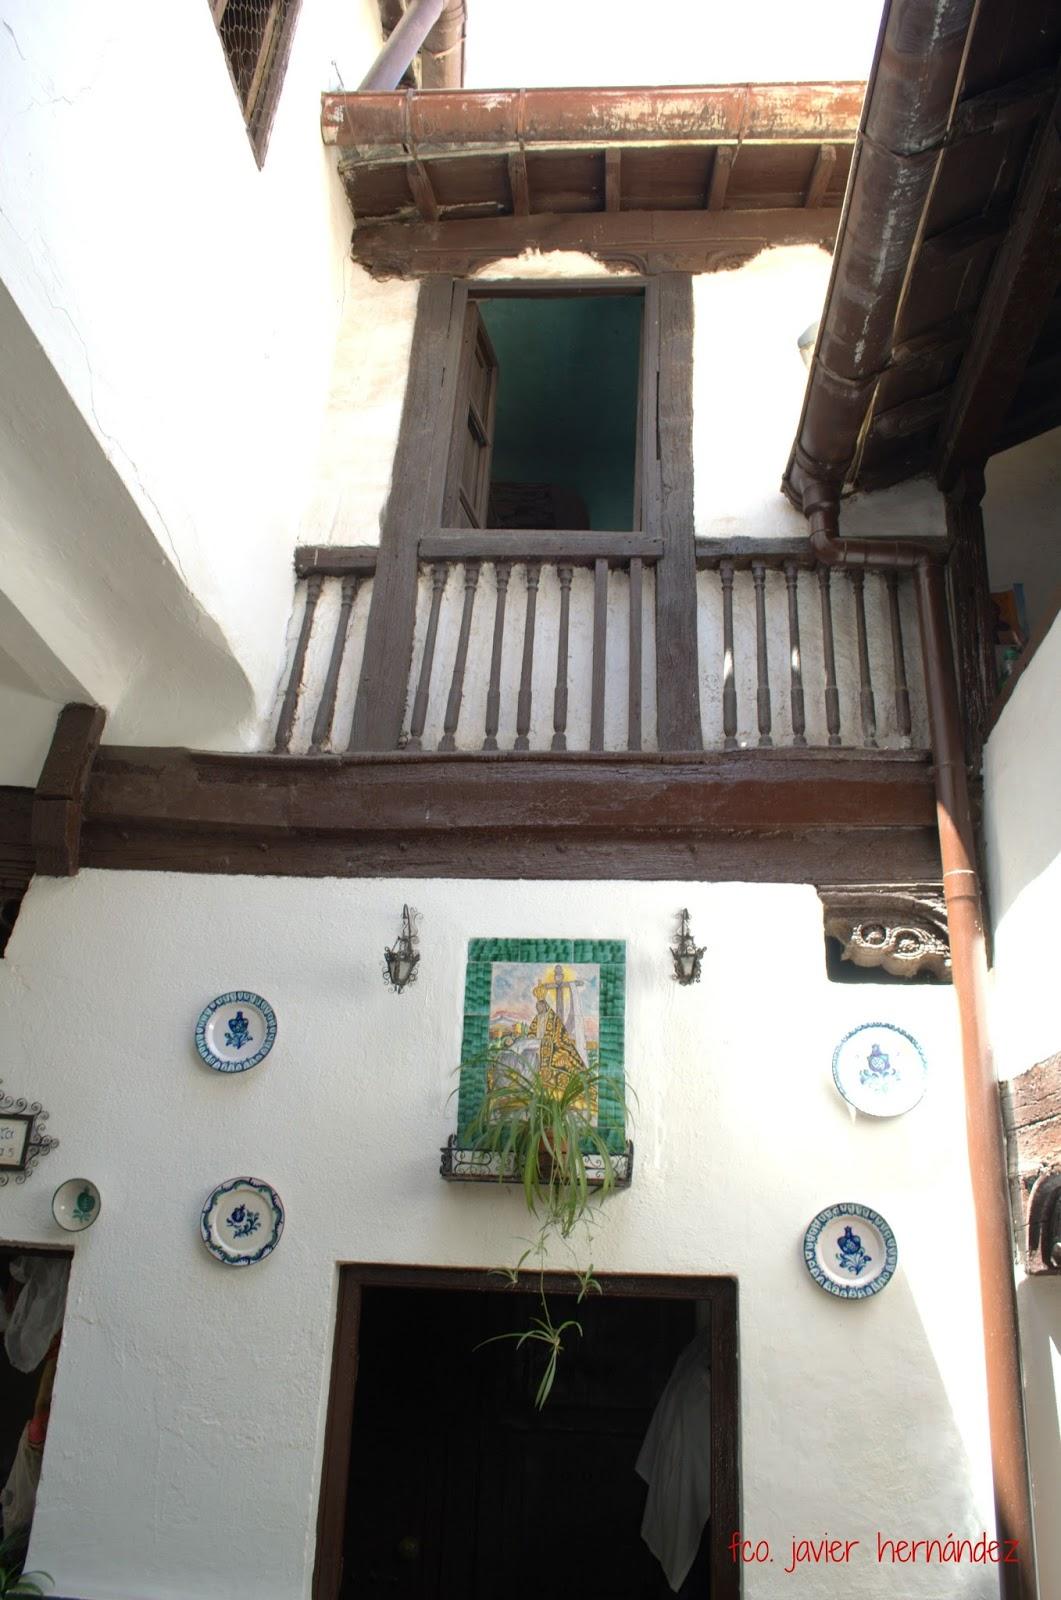 Lugares de granada con encanto casas moriscas de - Casas de madera en granada ...